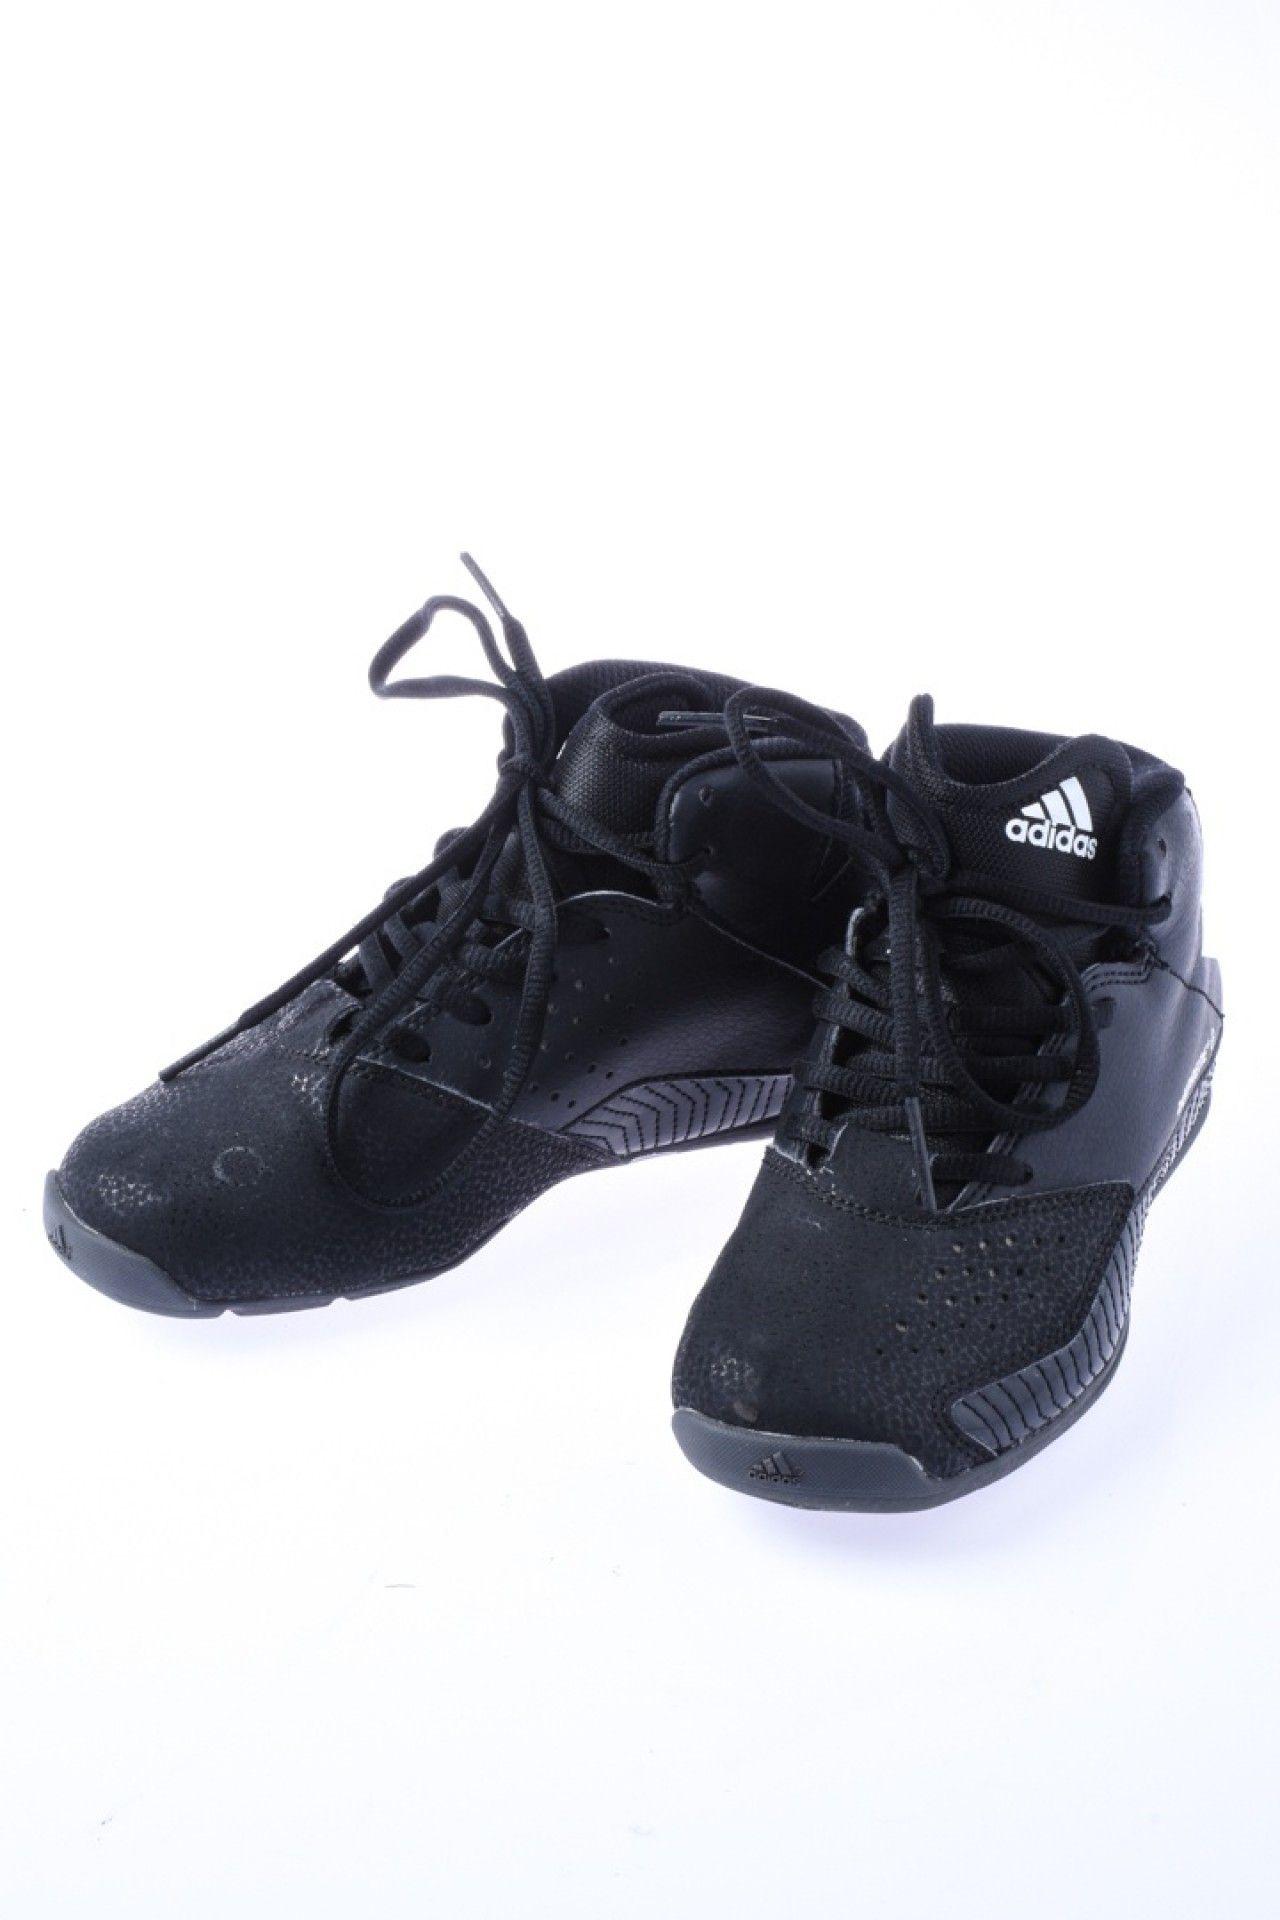 Adidas - Tênis Preto Listras - Foto 2